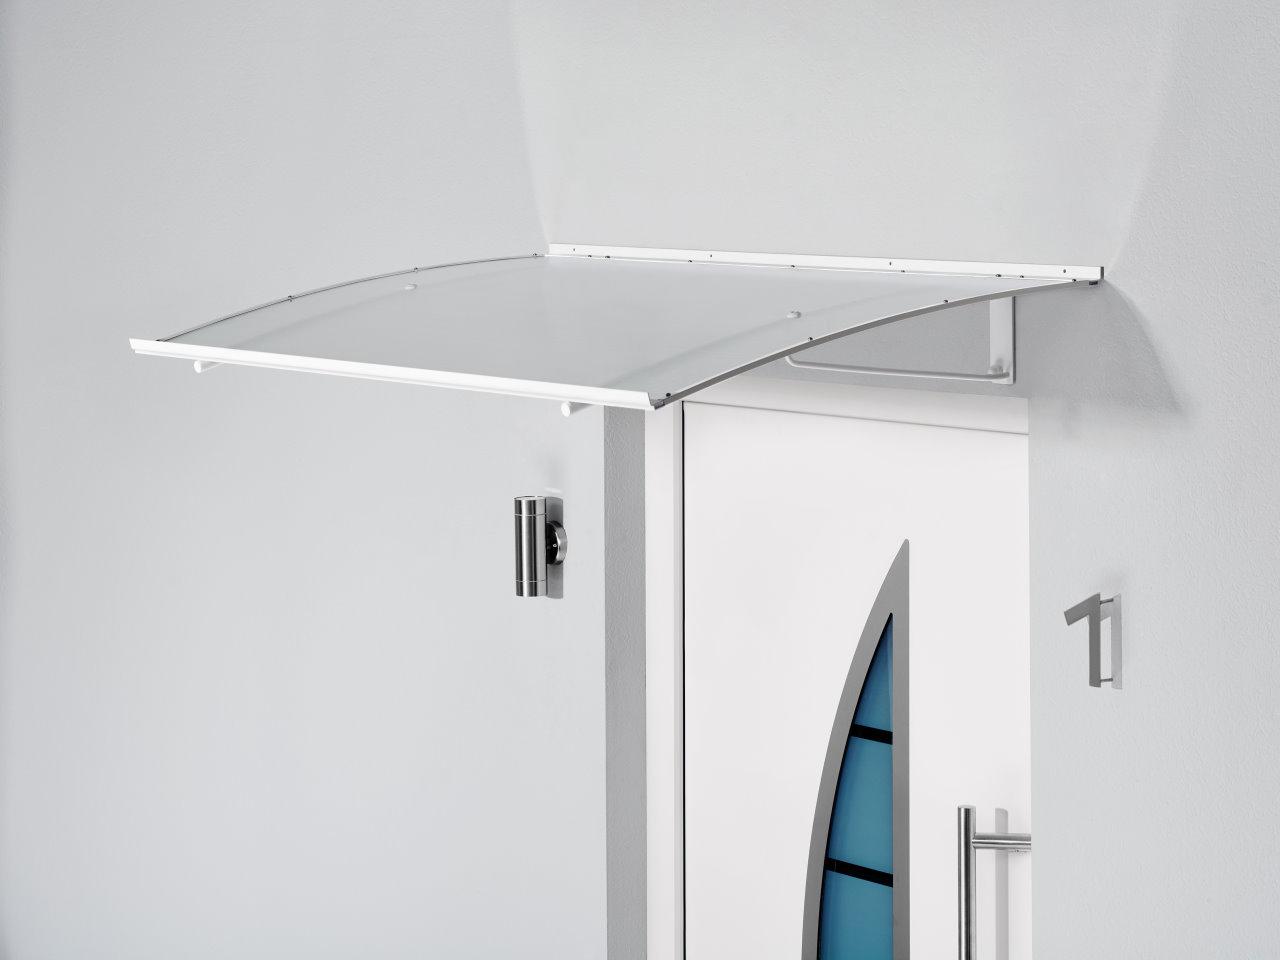 Hervorragend Vordächer   Acrylshop24.com DC13